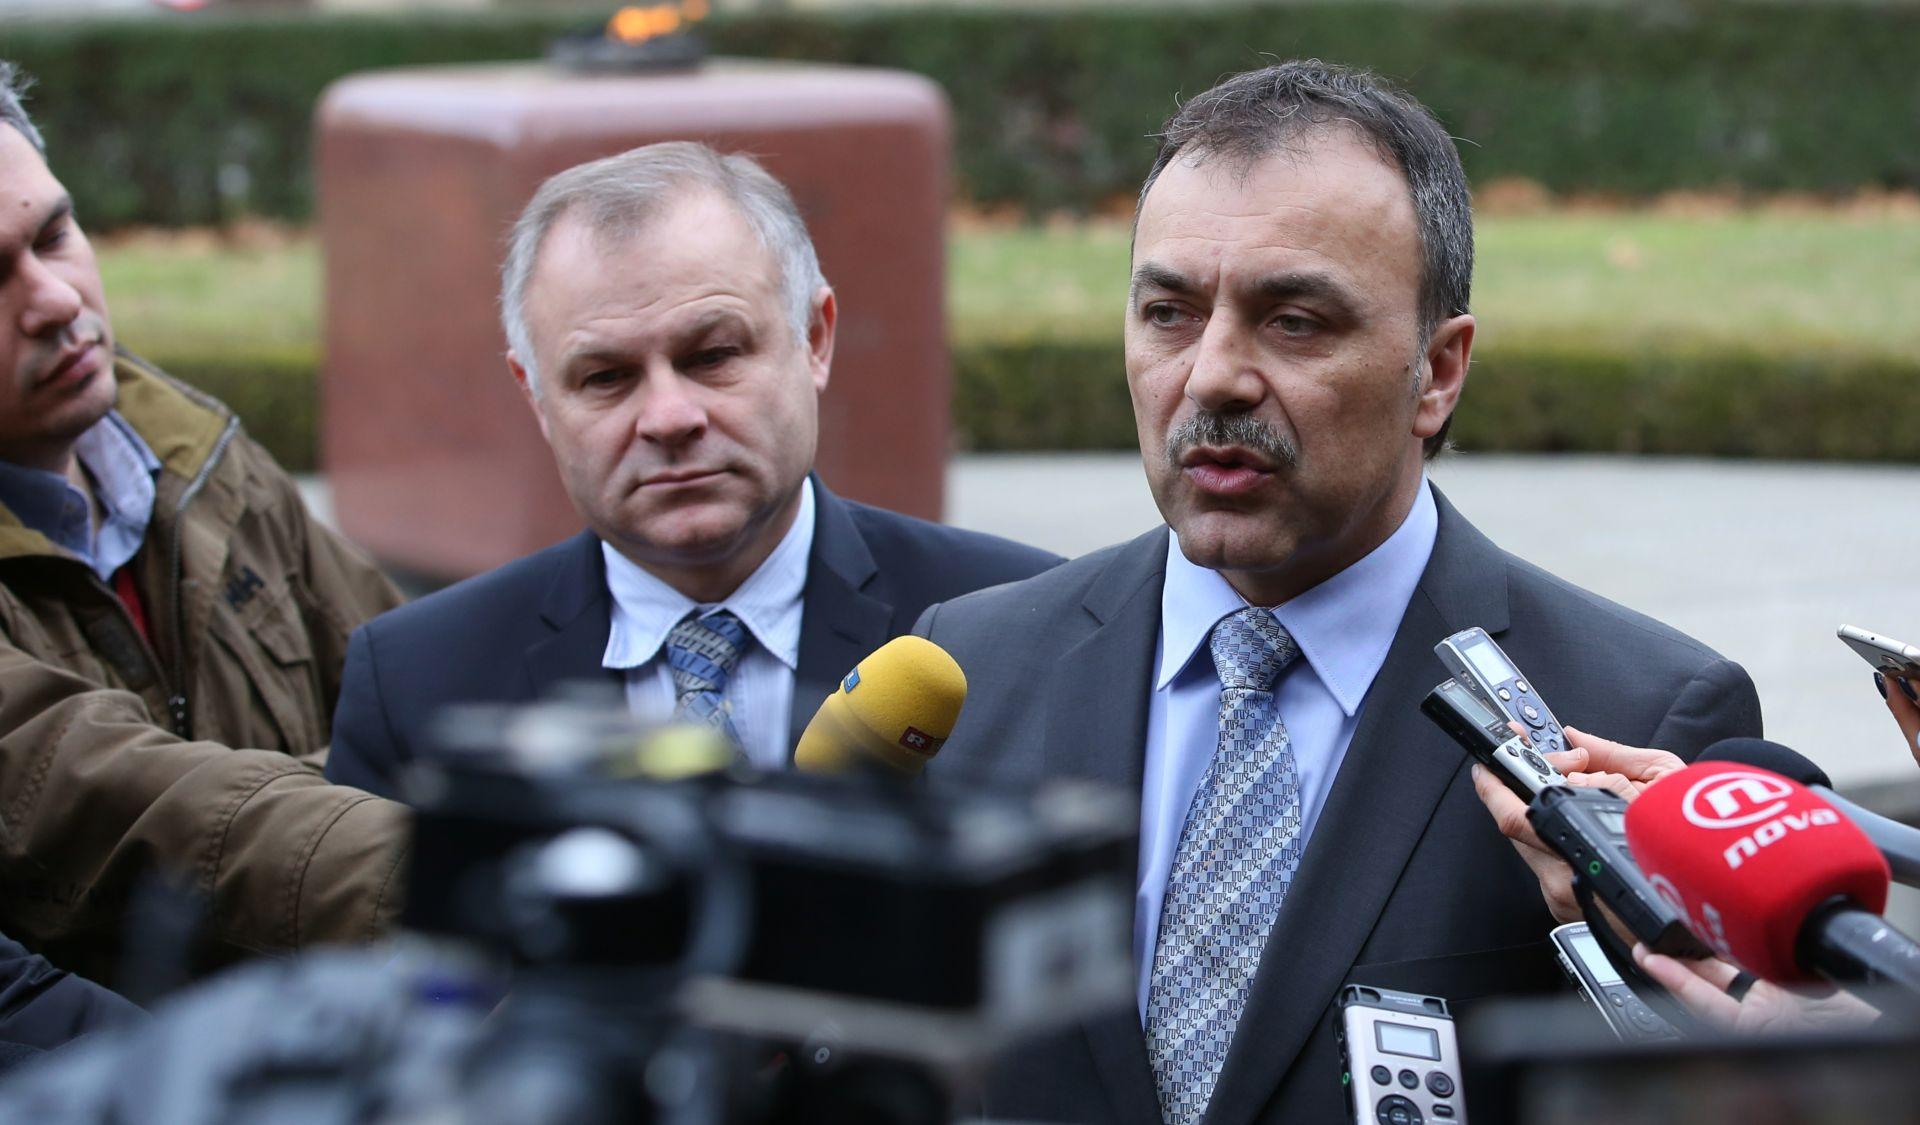 UVOĐENJE PROMJENA: Ministar unutarnjih poslova ukinuo službena vozila zamjenicima i pomoćnicima